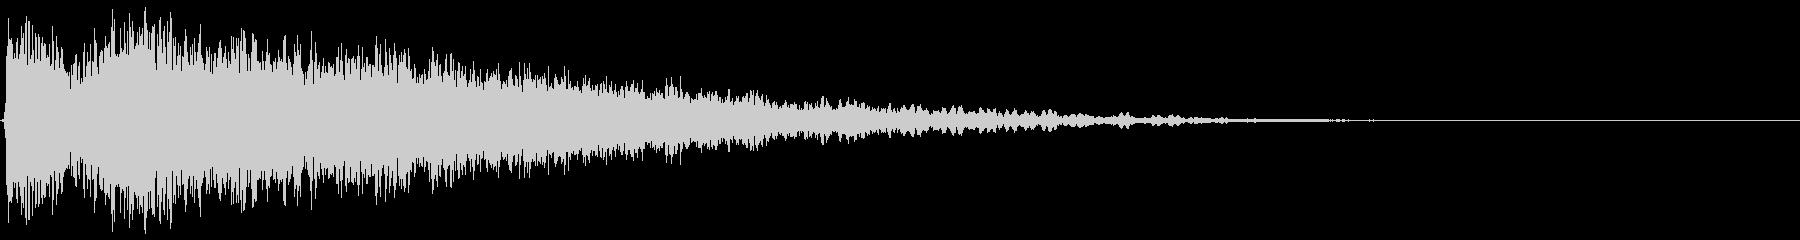 シャキーン!(派手なインパクト音)の未再生の波形